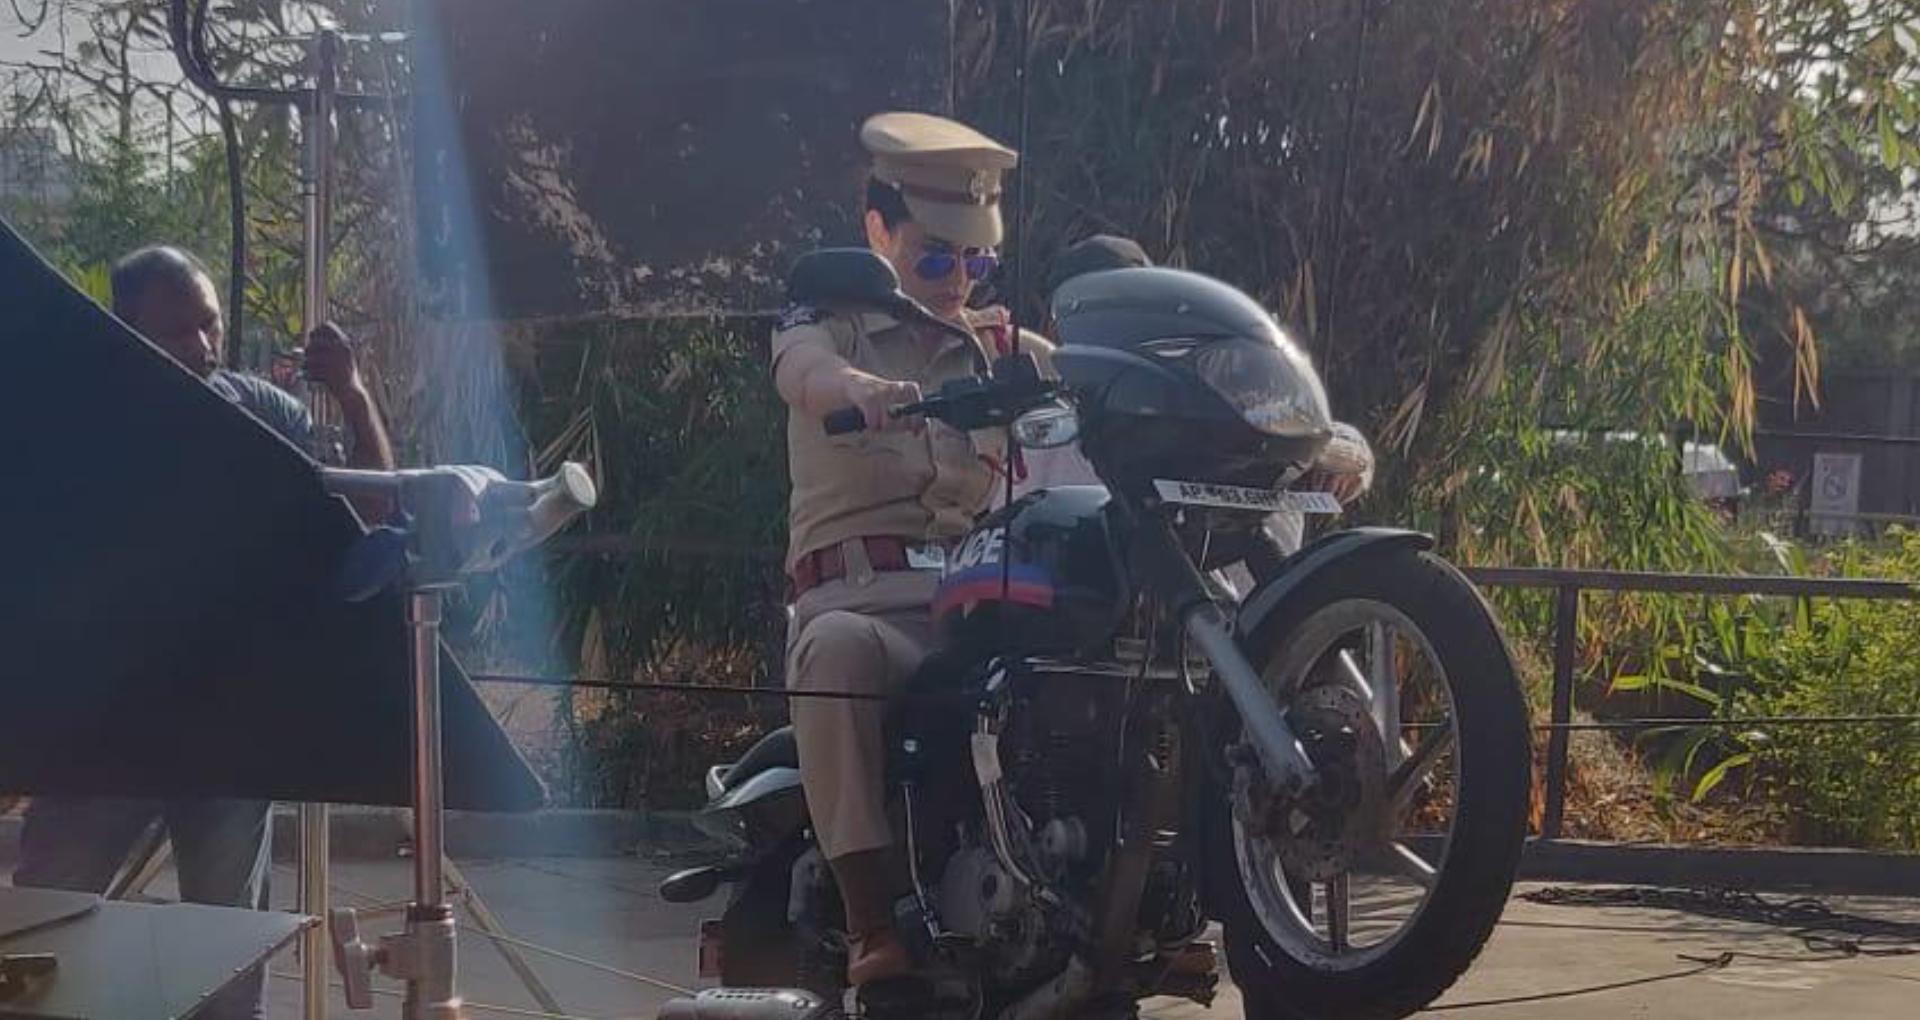 फिल्म मेंटल है क्या से कंगना रनौत का लुक हुआ लीक, पुलिस के किरदार में आईं नजर, देखिए तस्वीरें